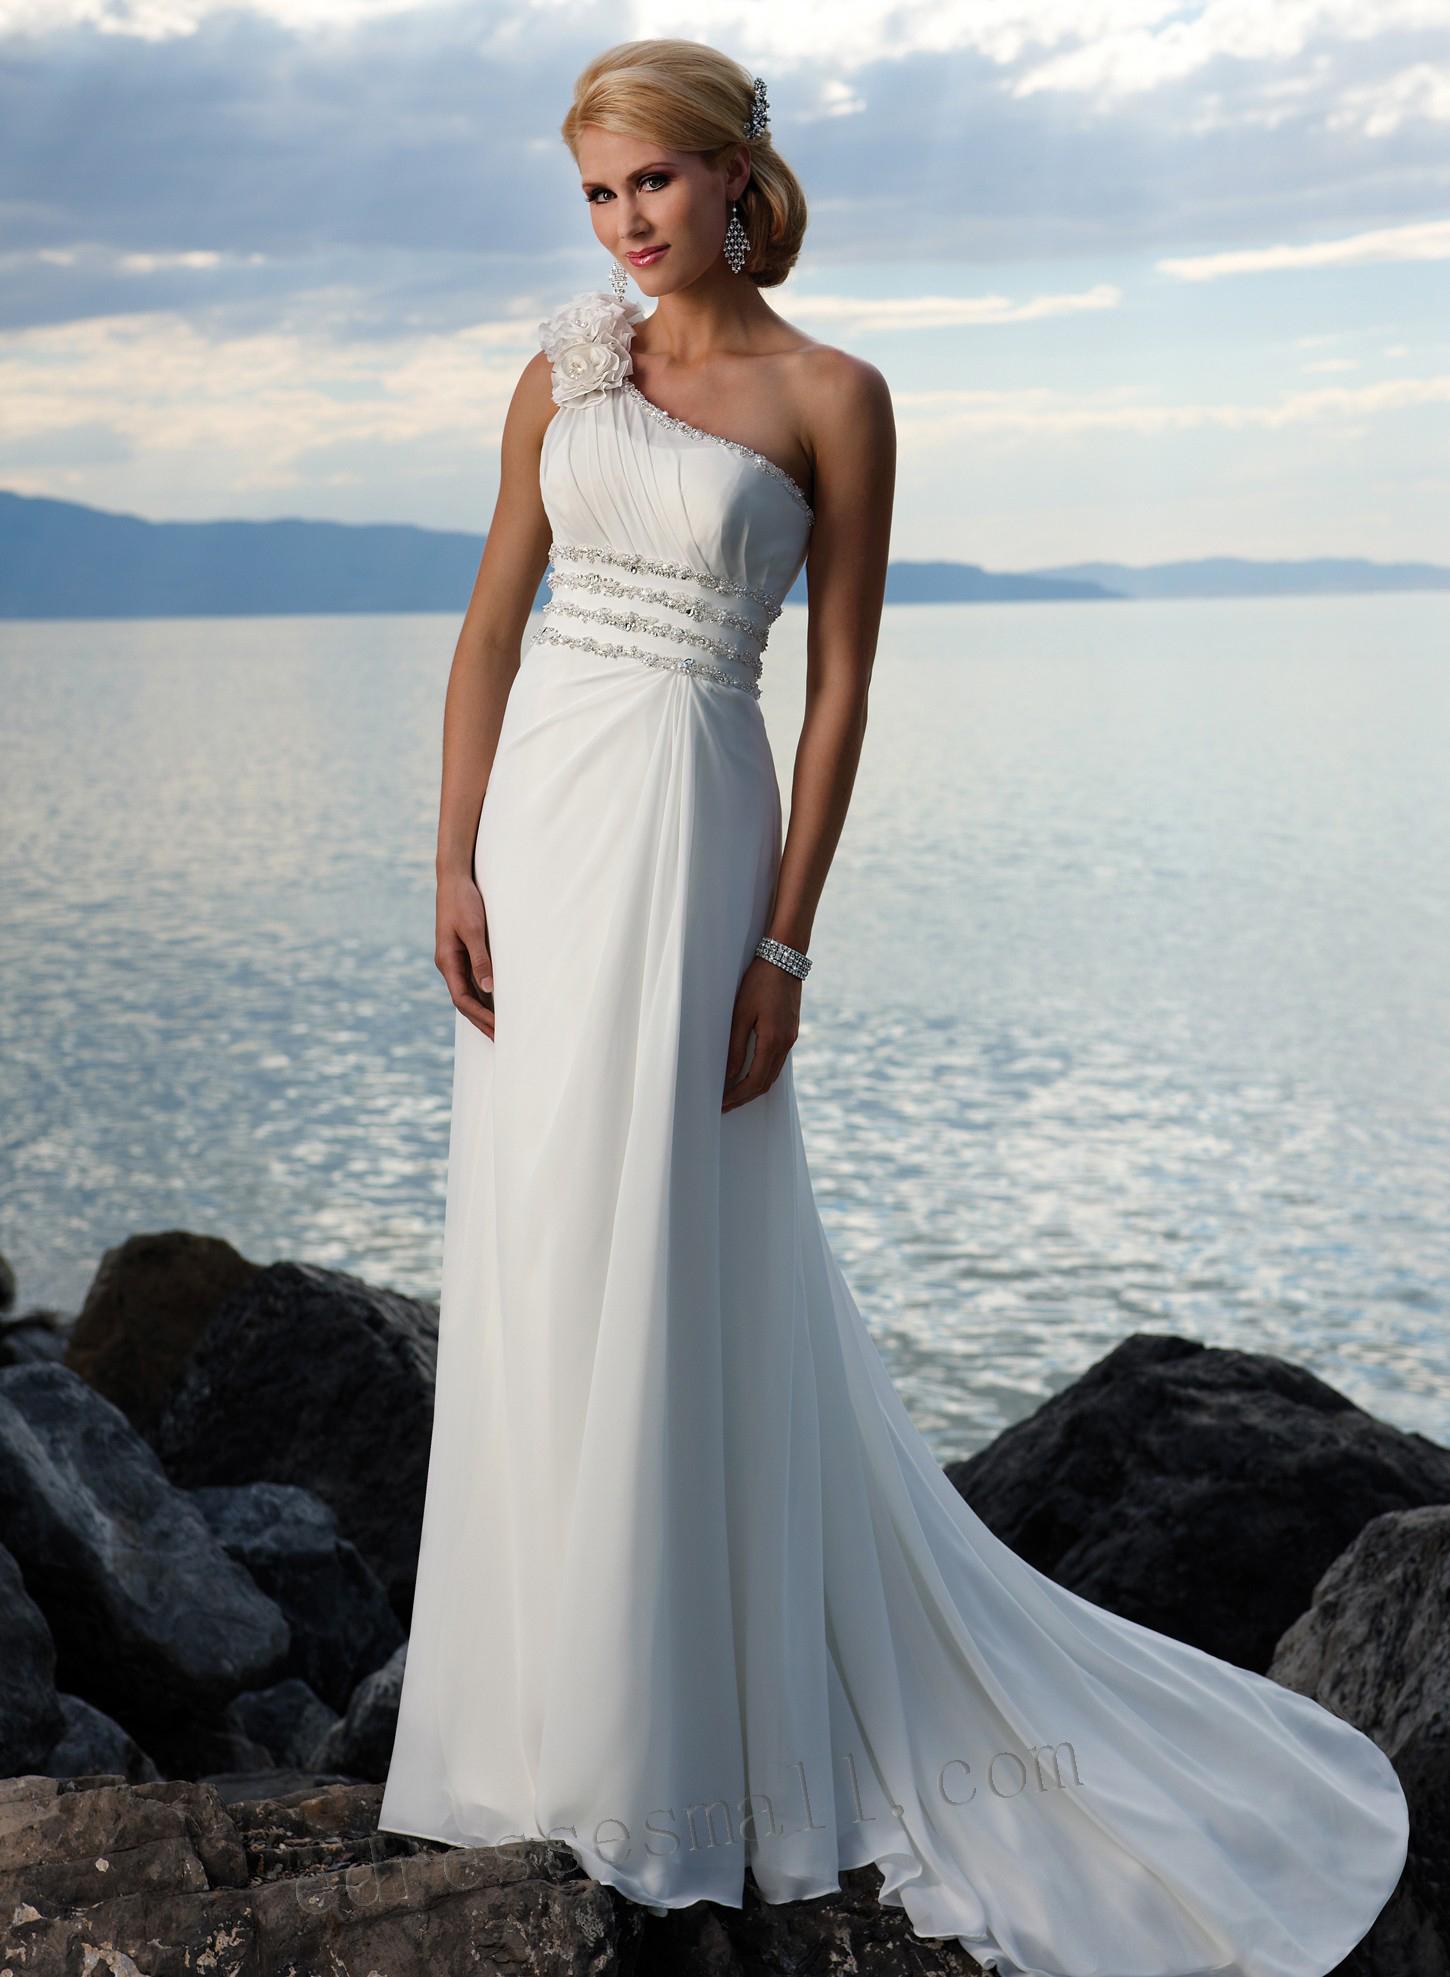 20 unique beach wedding dresses for a romantic beach for Bridesmaid dresses for beach wedding theme